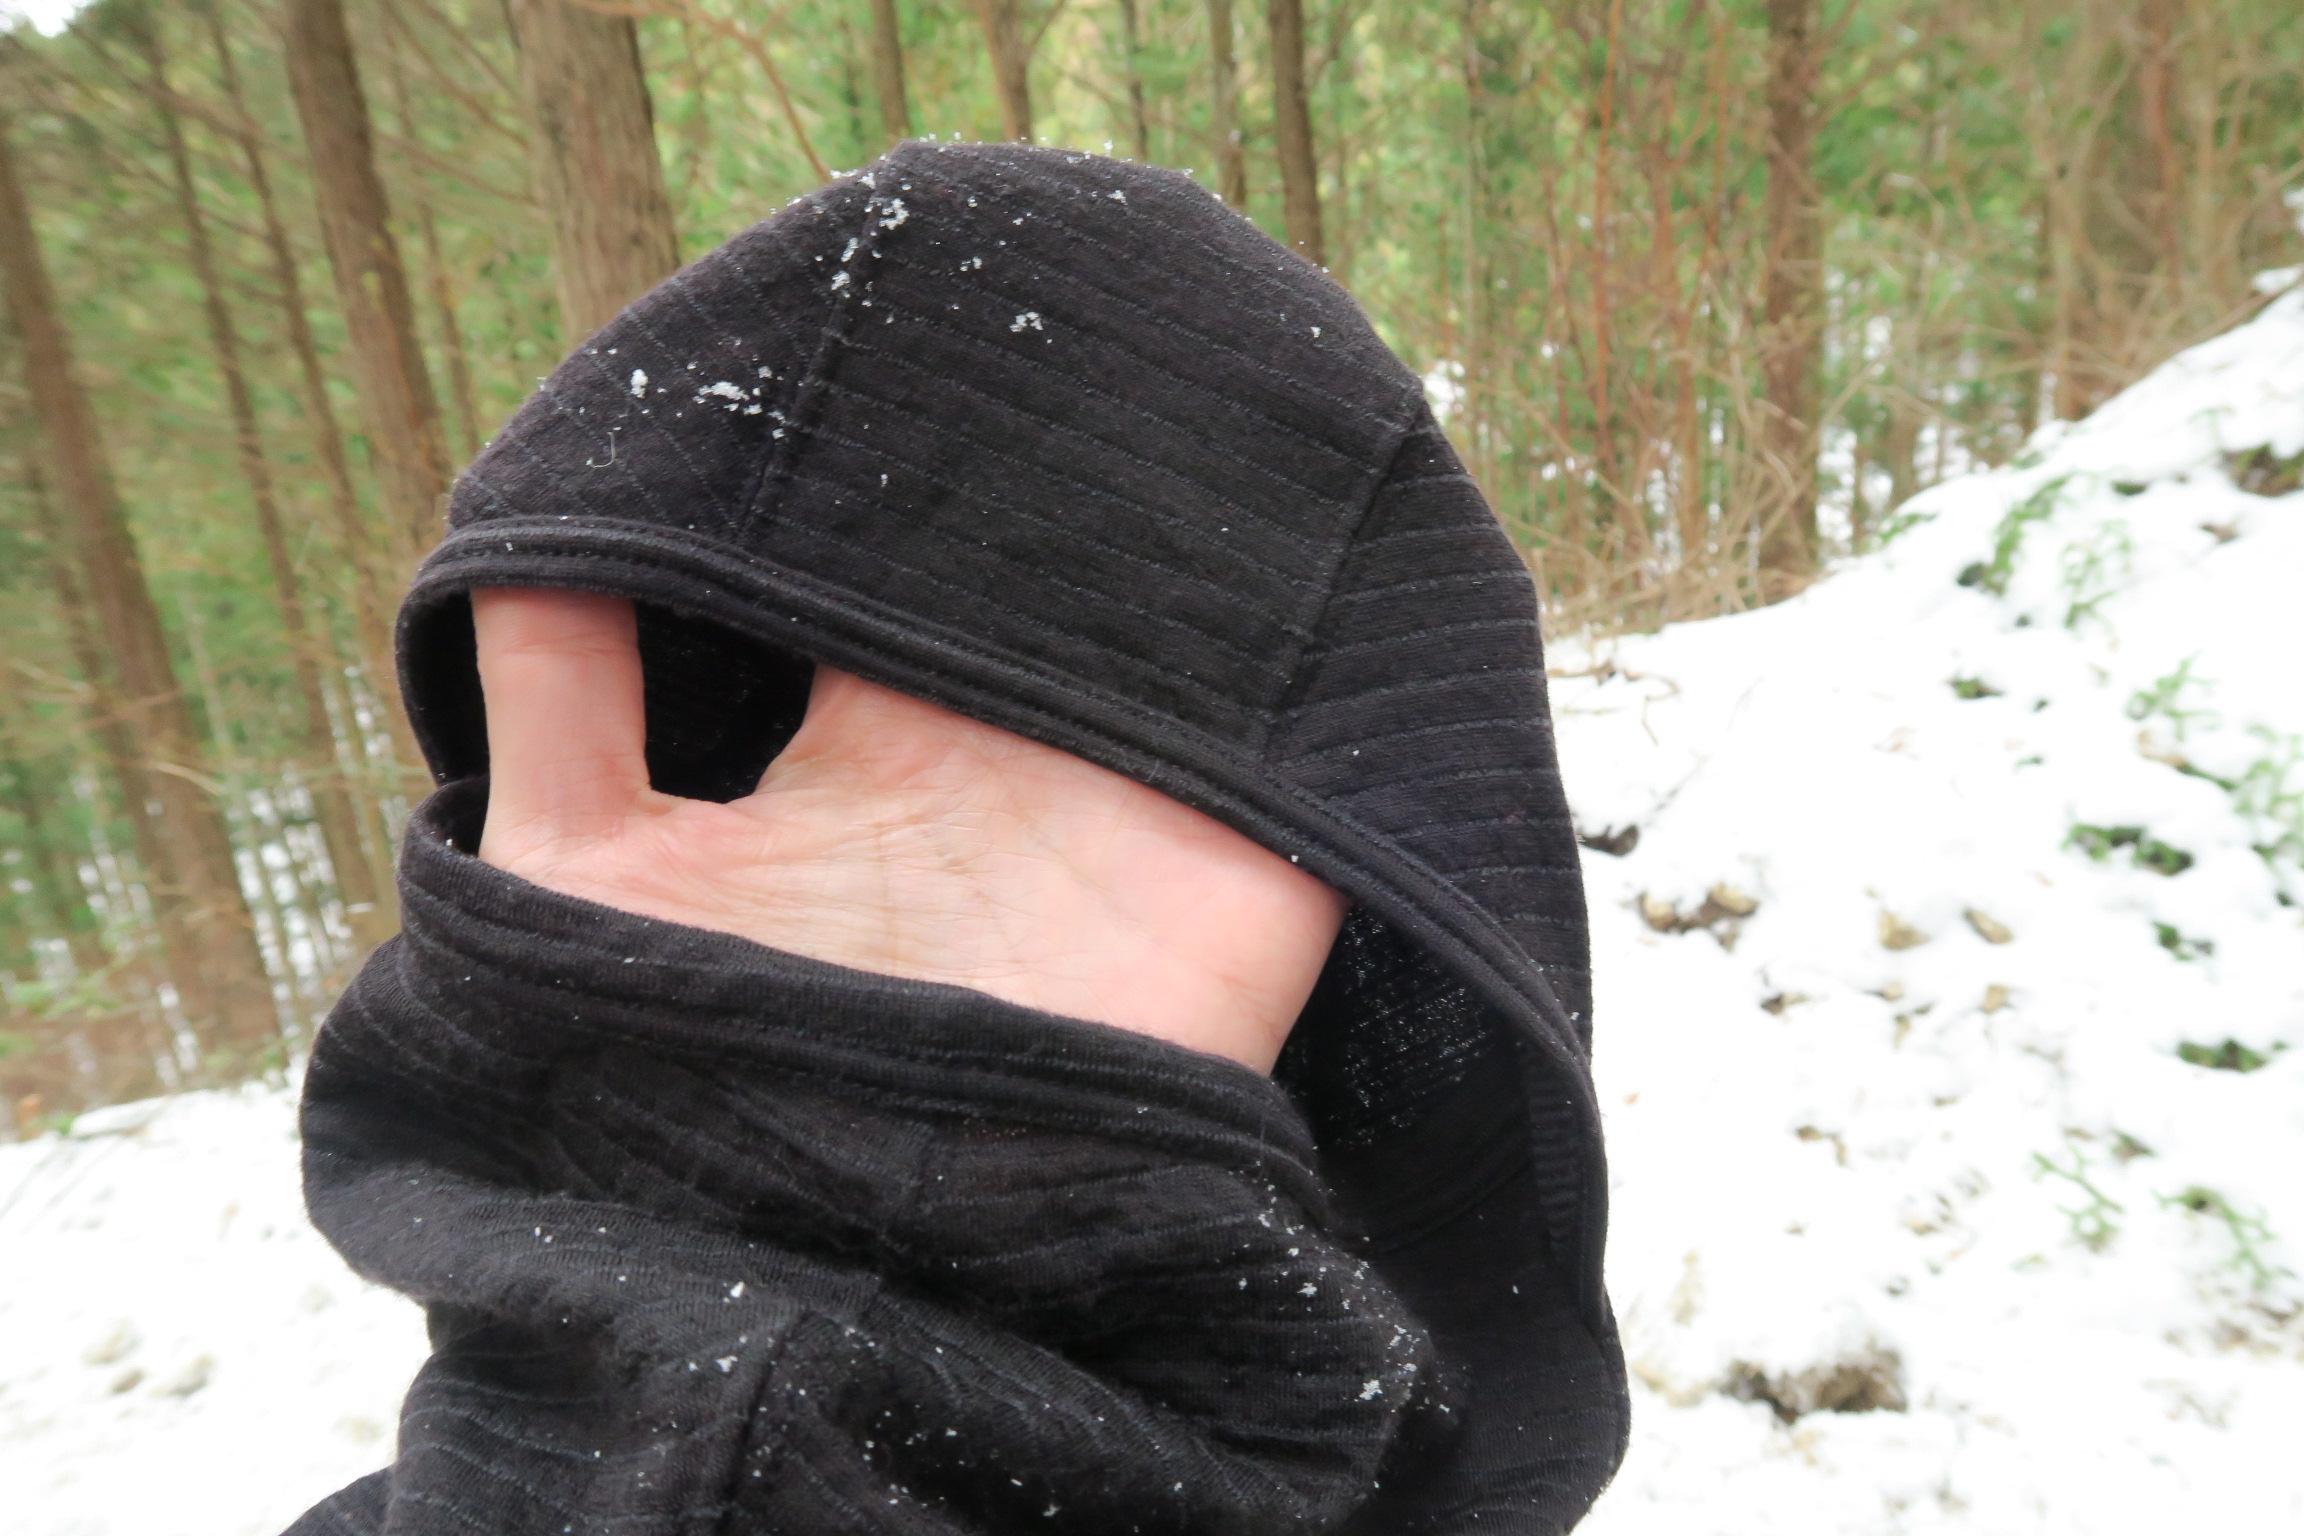 きょうはフェイスマスクが大活躍!普段は使わずにリュックの中か、ネックウォーマーとして利用しています。